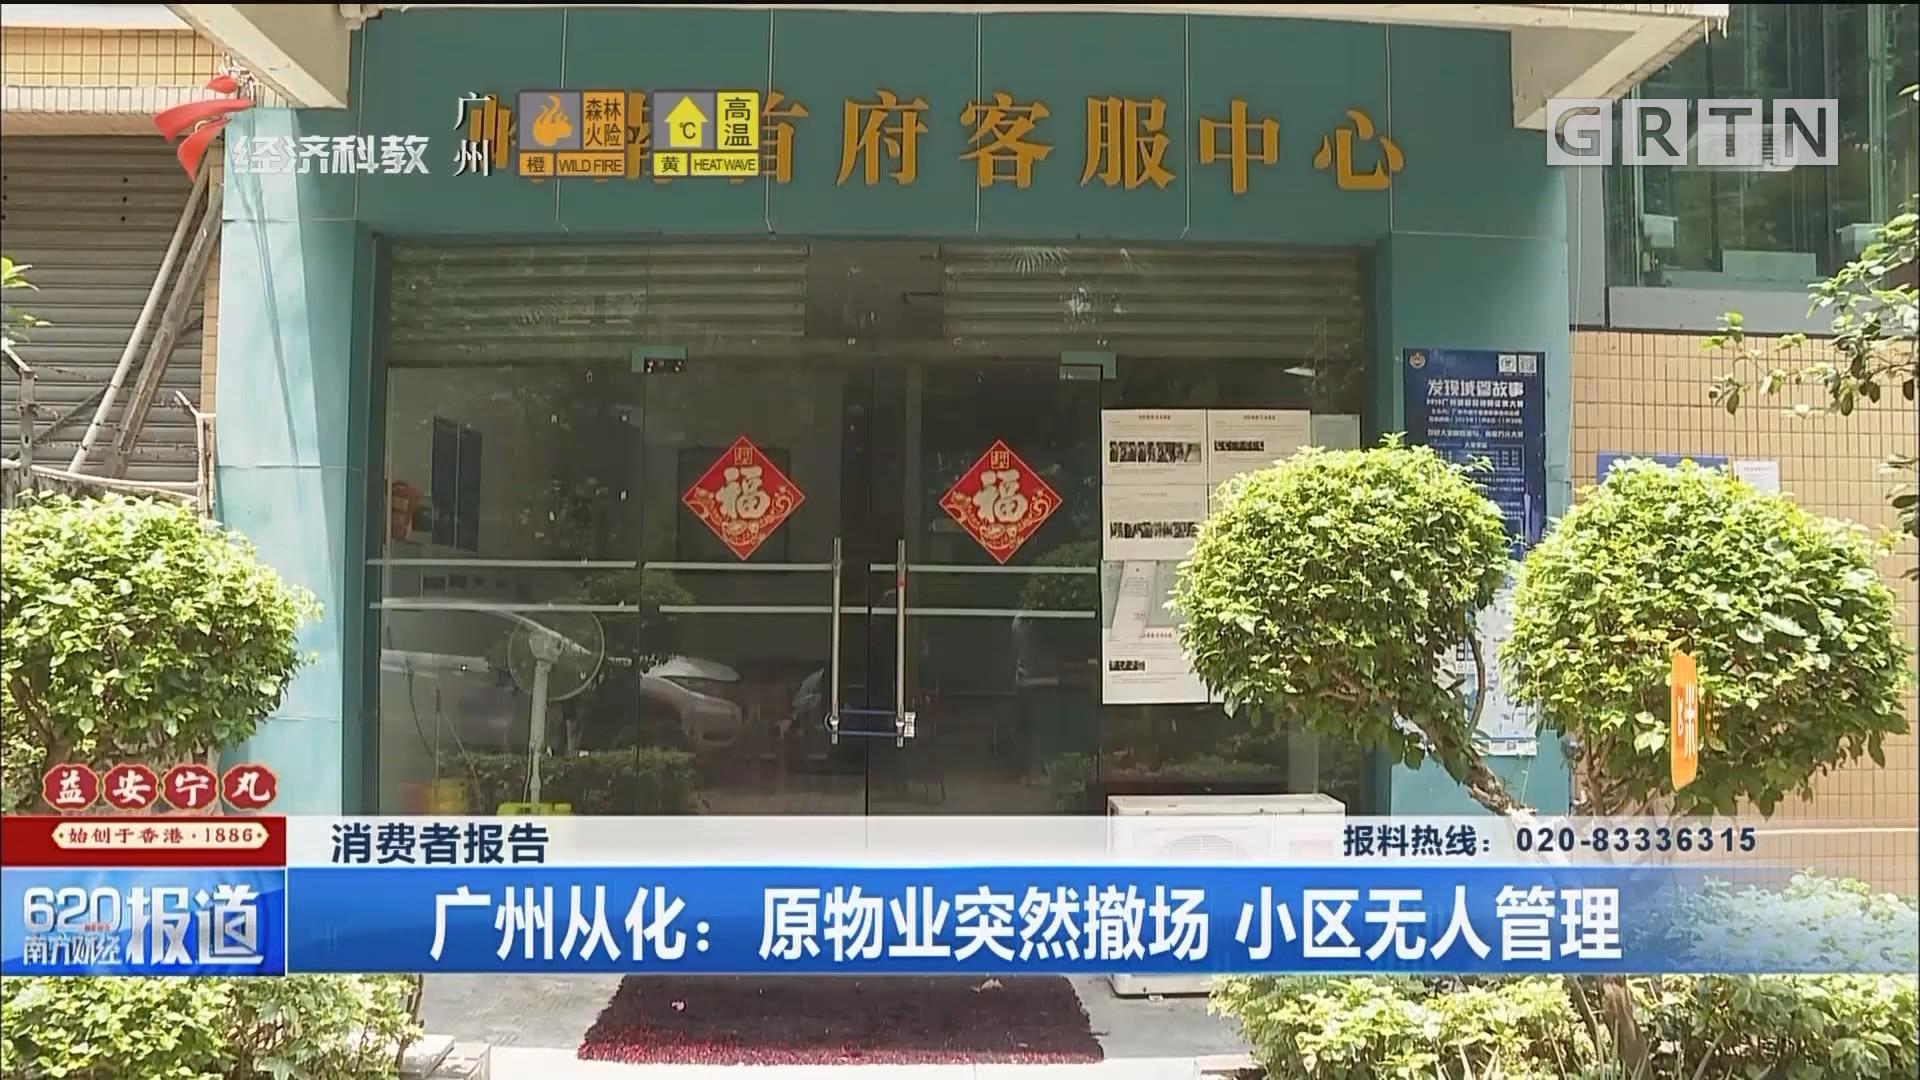 消費者報告 廣州從化:原物業突然撤場 小區無人管理